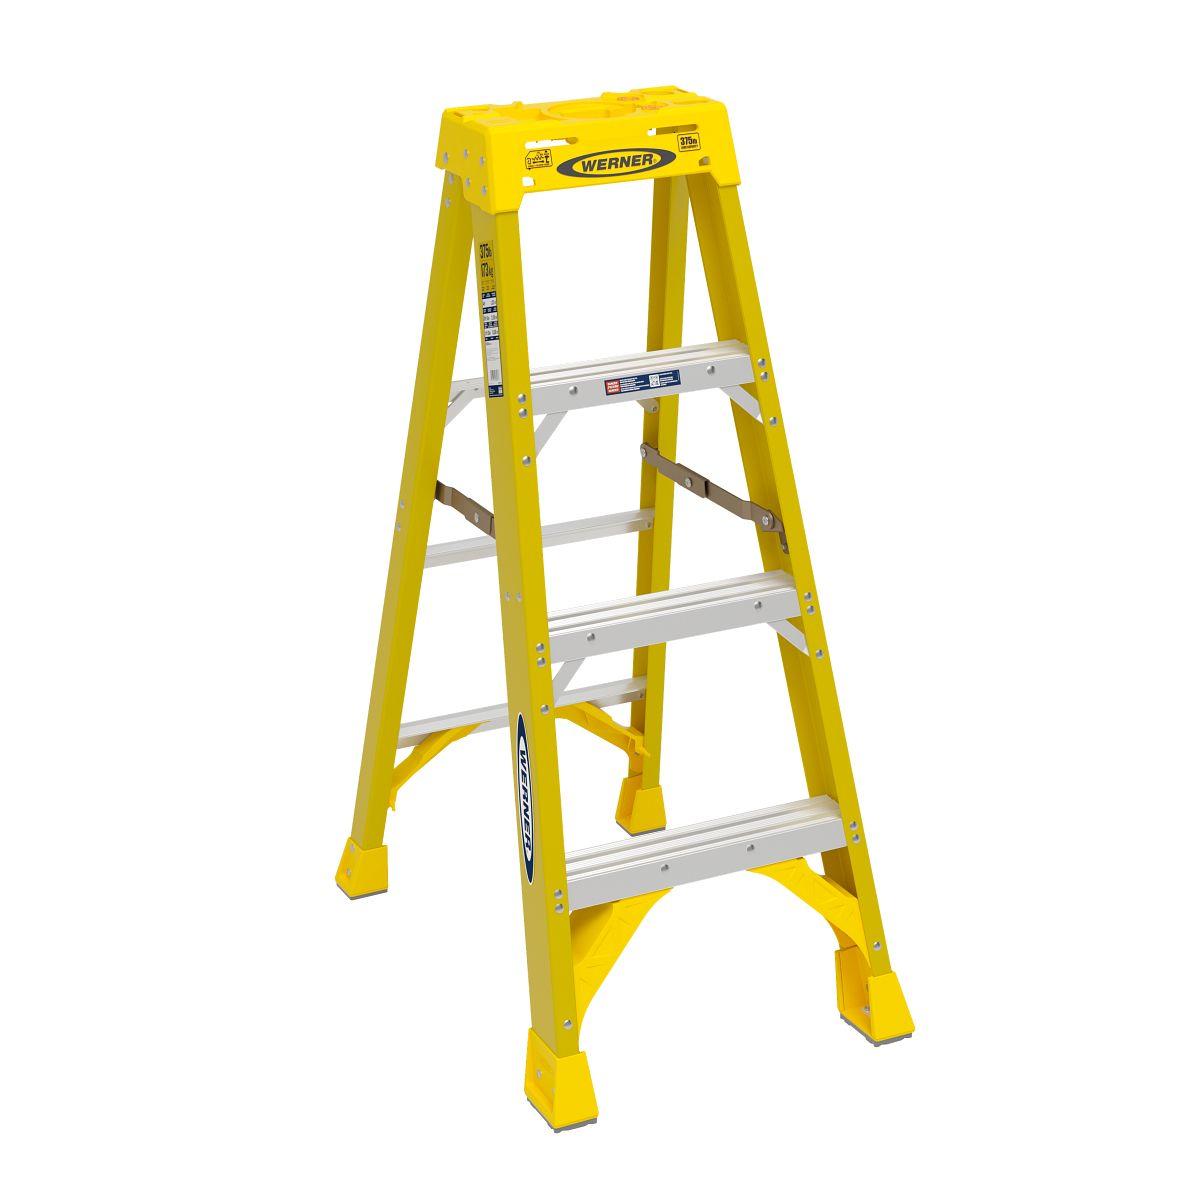 6304 Step Ladders Werner Us